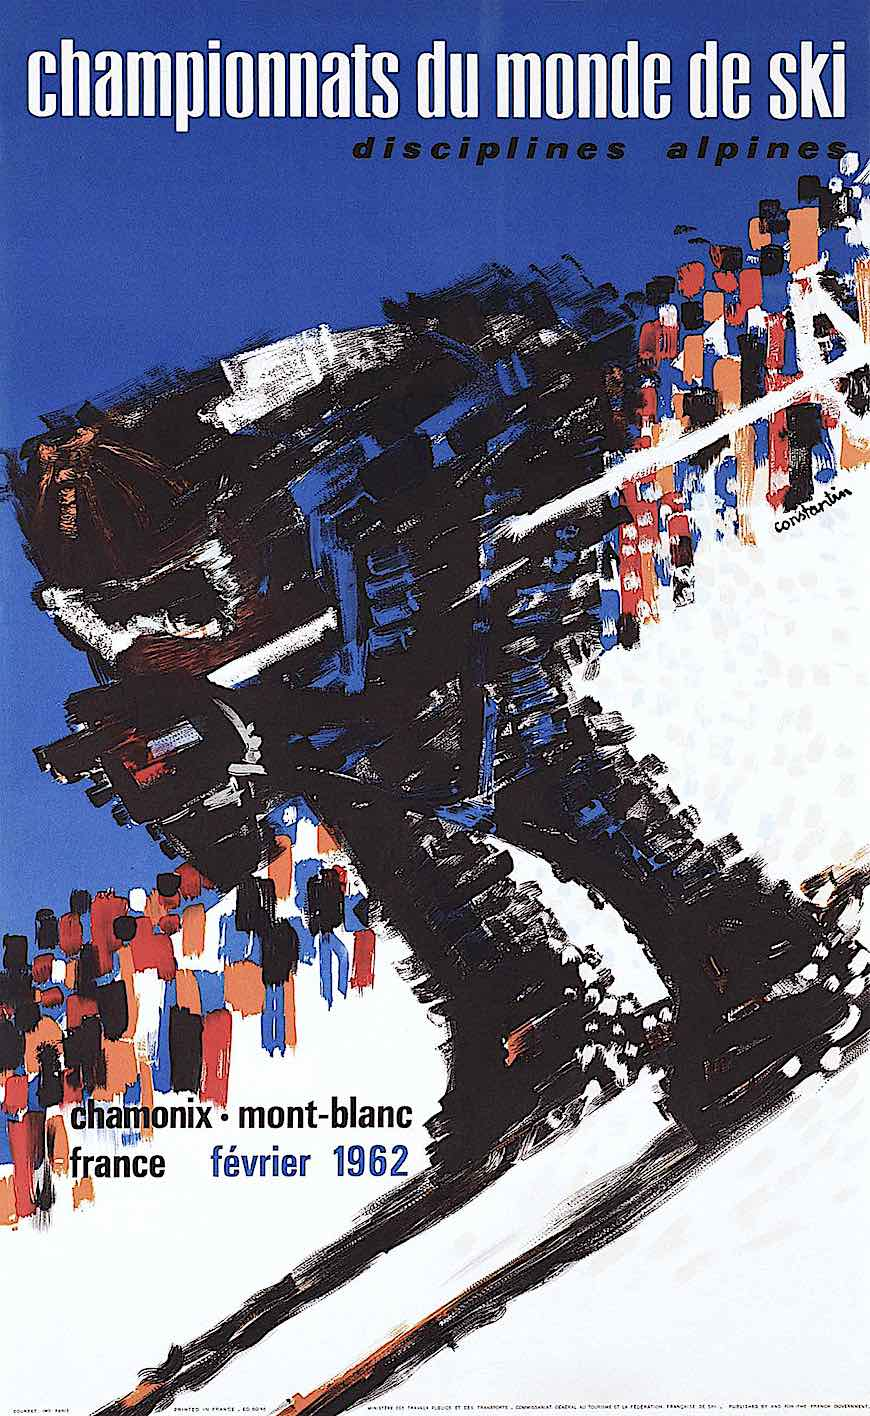 a Constantin Cromieres 1962 poster for a ski competition, Championnats du monde, a fast blur